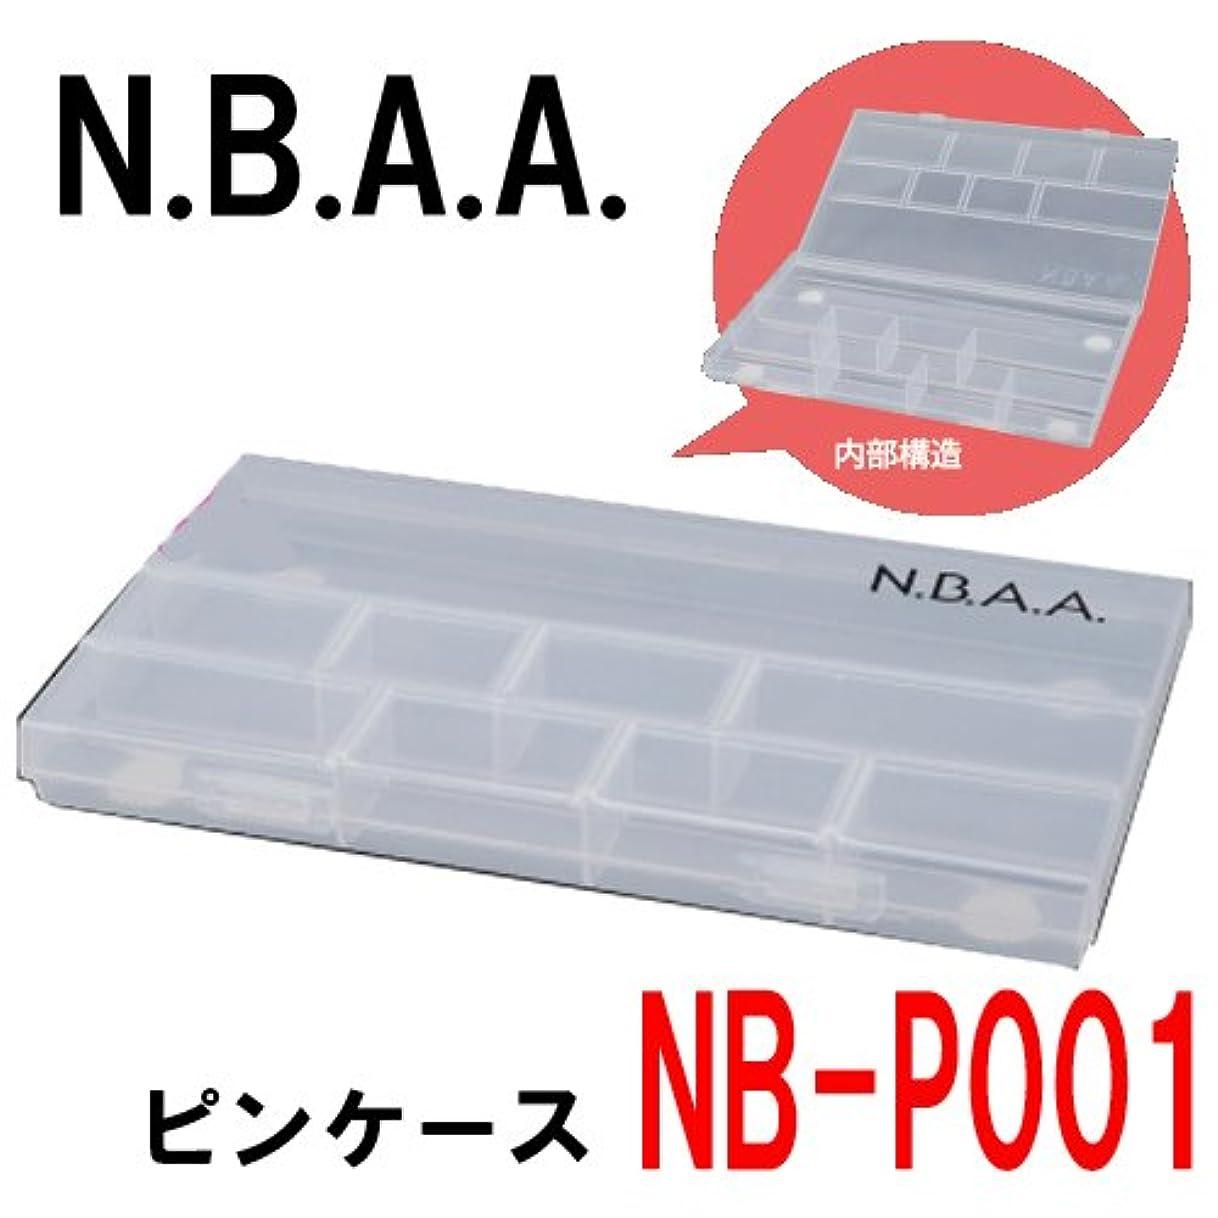 地中海宣伝こどもセンターN.B.A.A. NB-P001 ピンケース